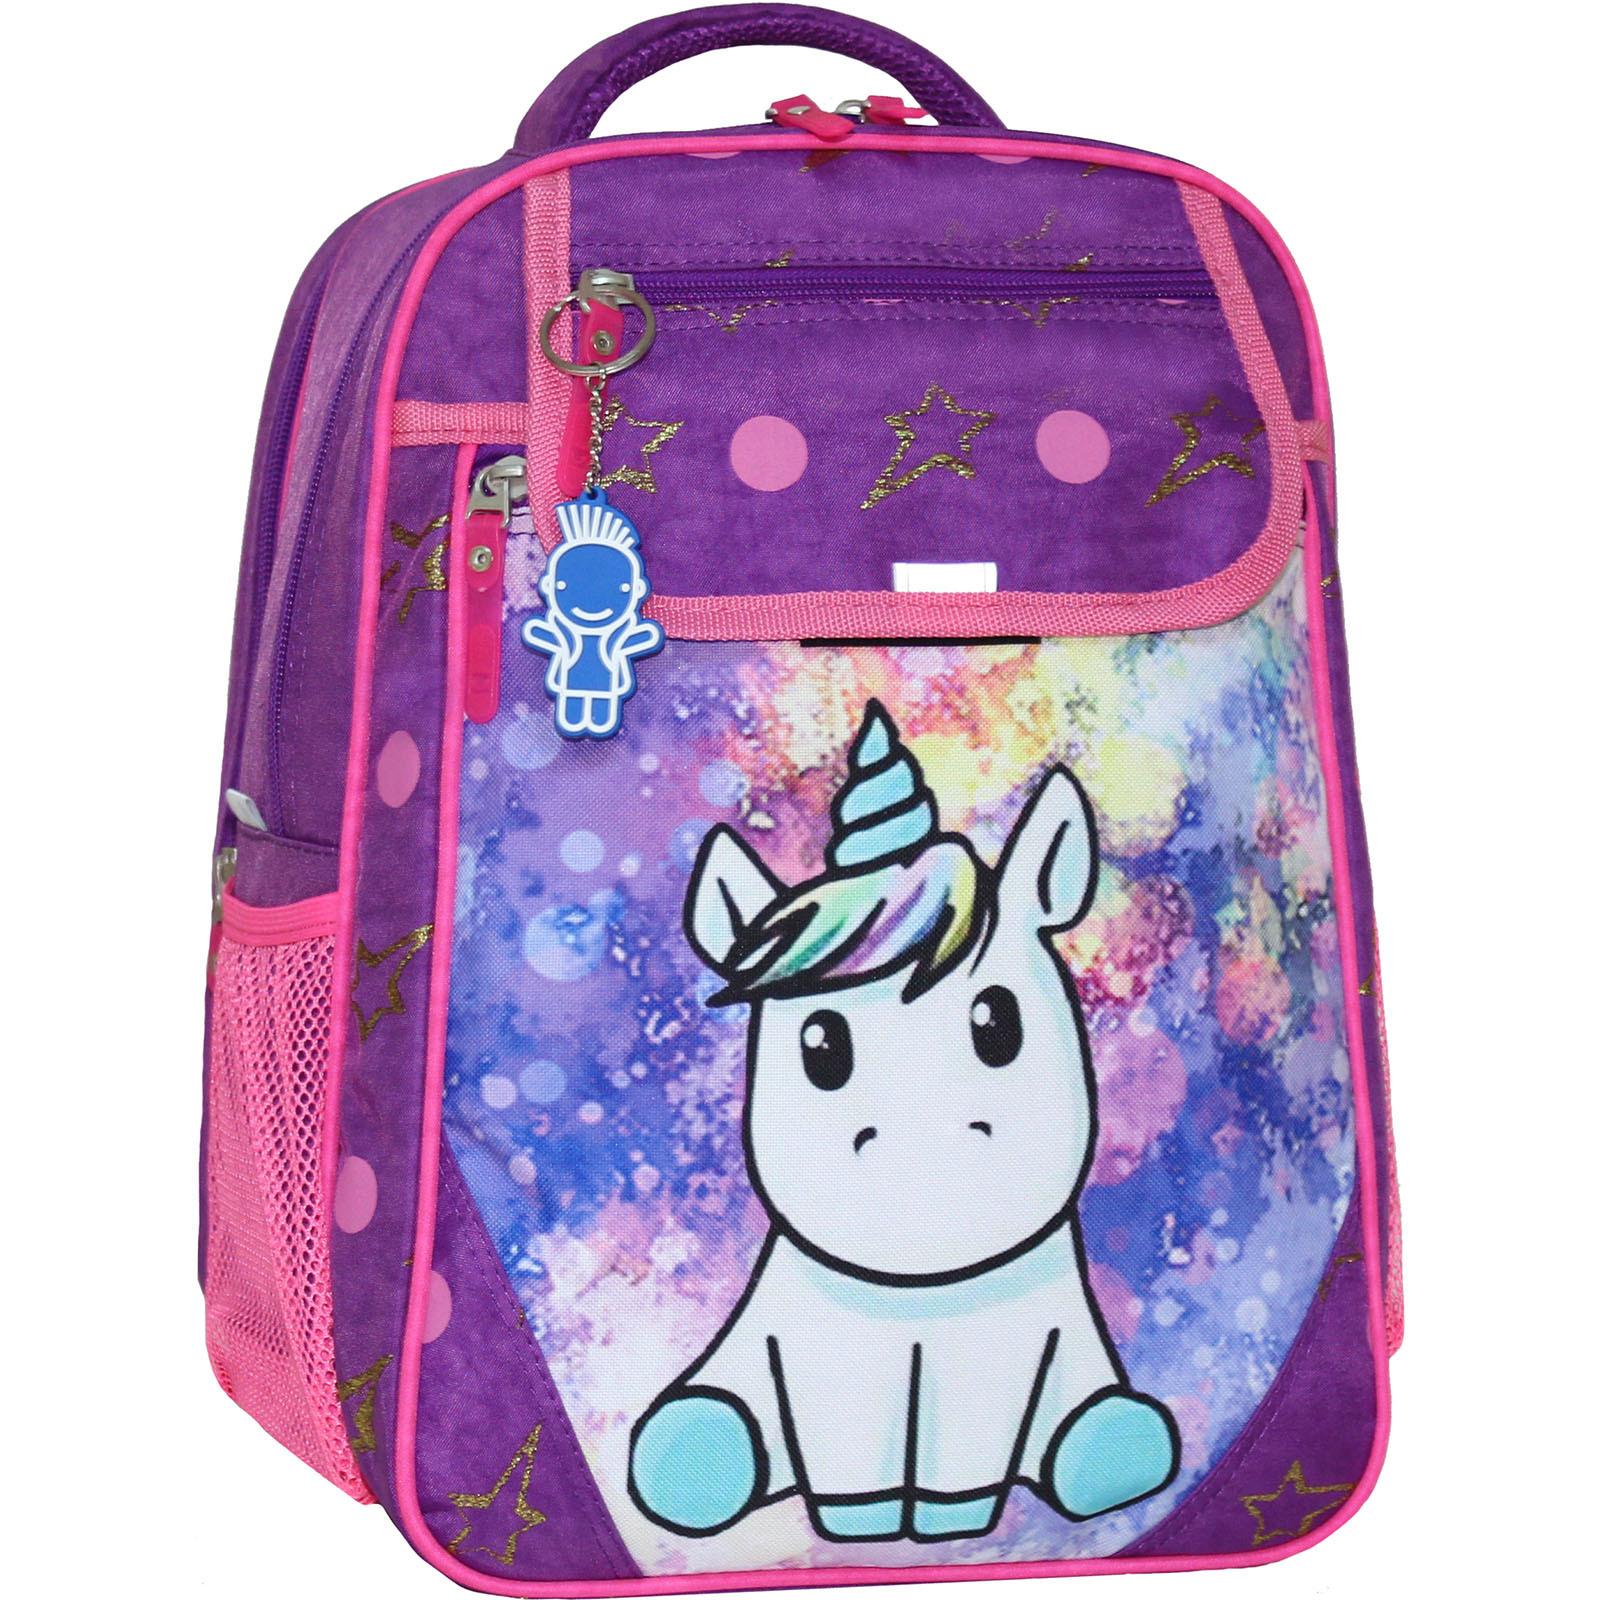 Школьные рюкзаки Рюкзак школьный Bagland Отличник 20 л. 339 фиолетовый 428 (0058070) IMG_5487_428_.JPG